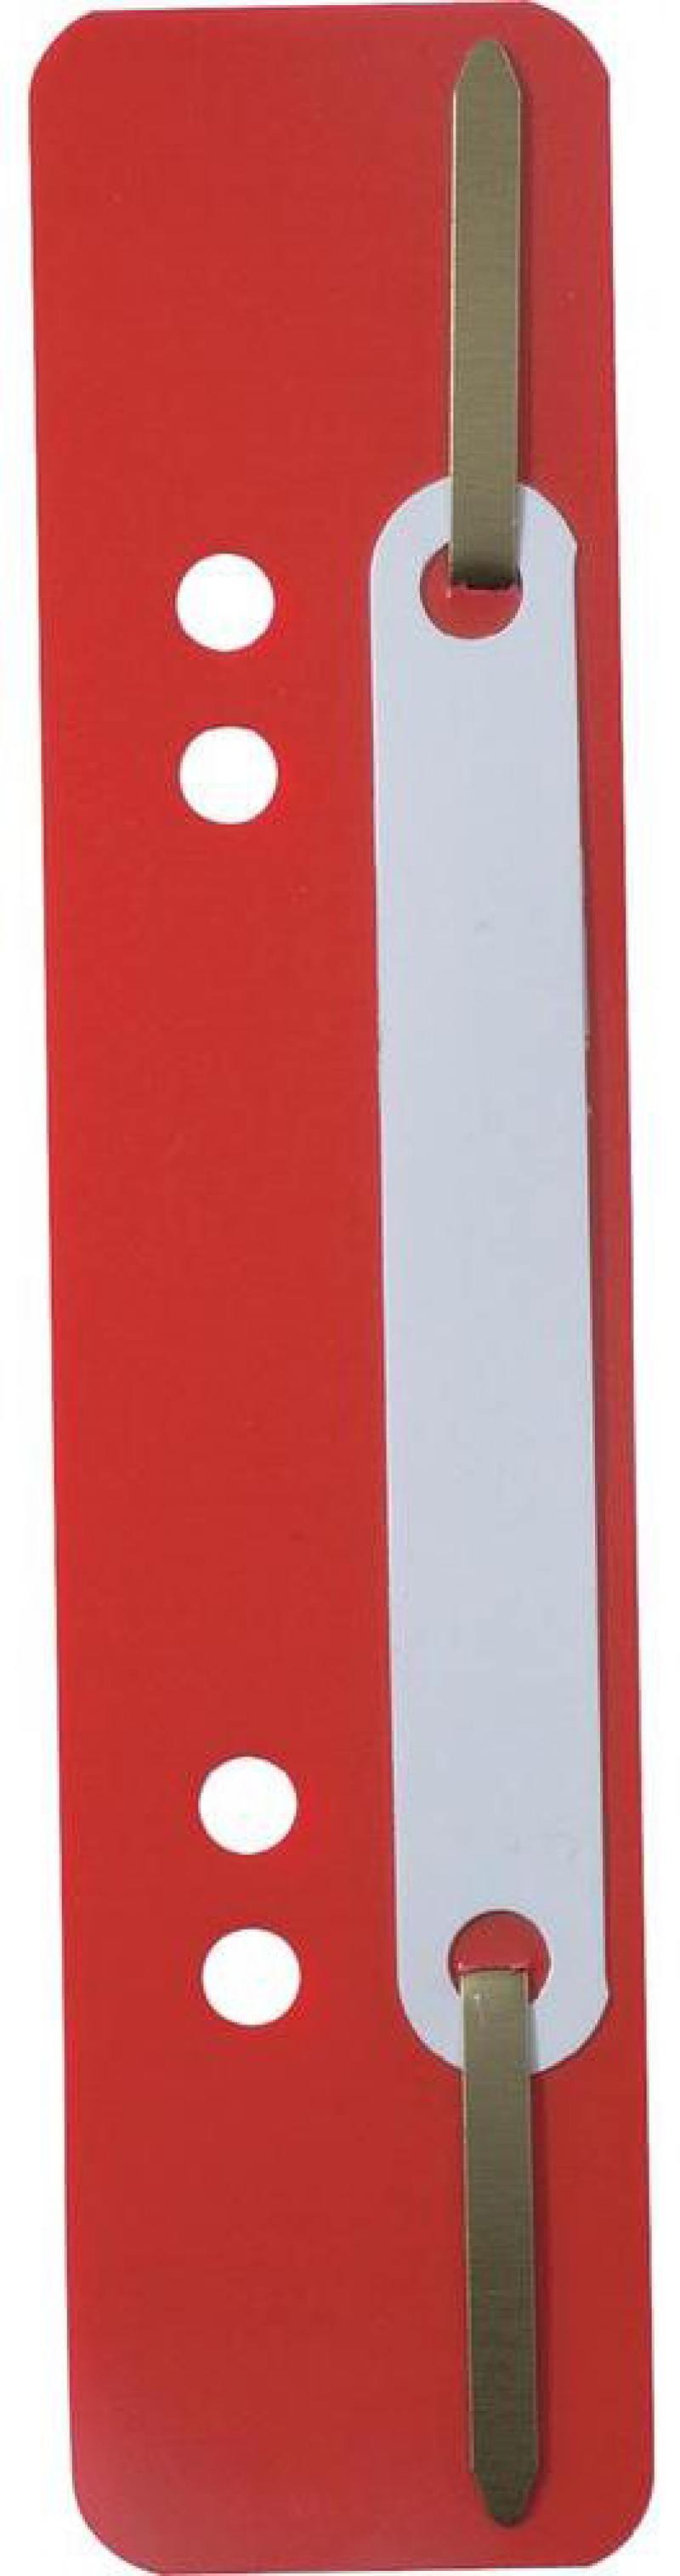 Скоросшиватель Durable вставка красный 250шт 690103